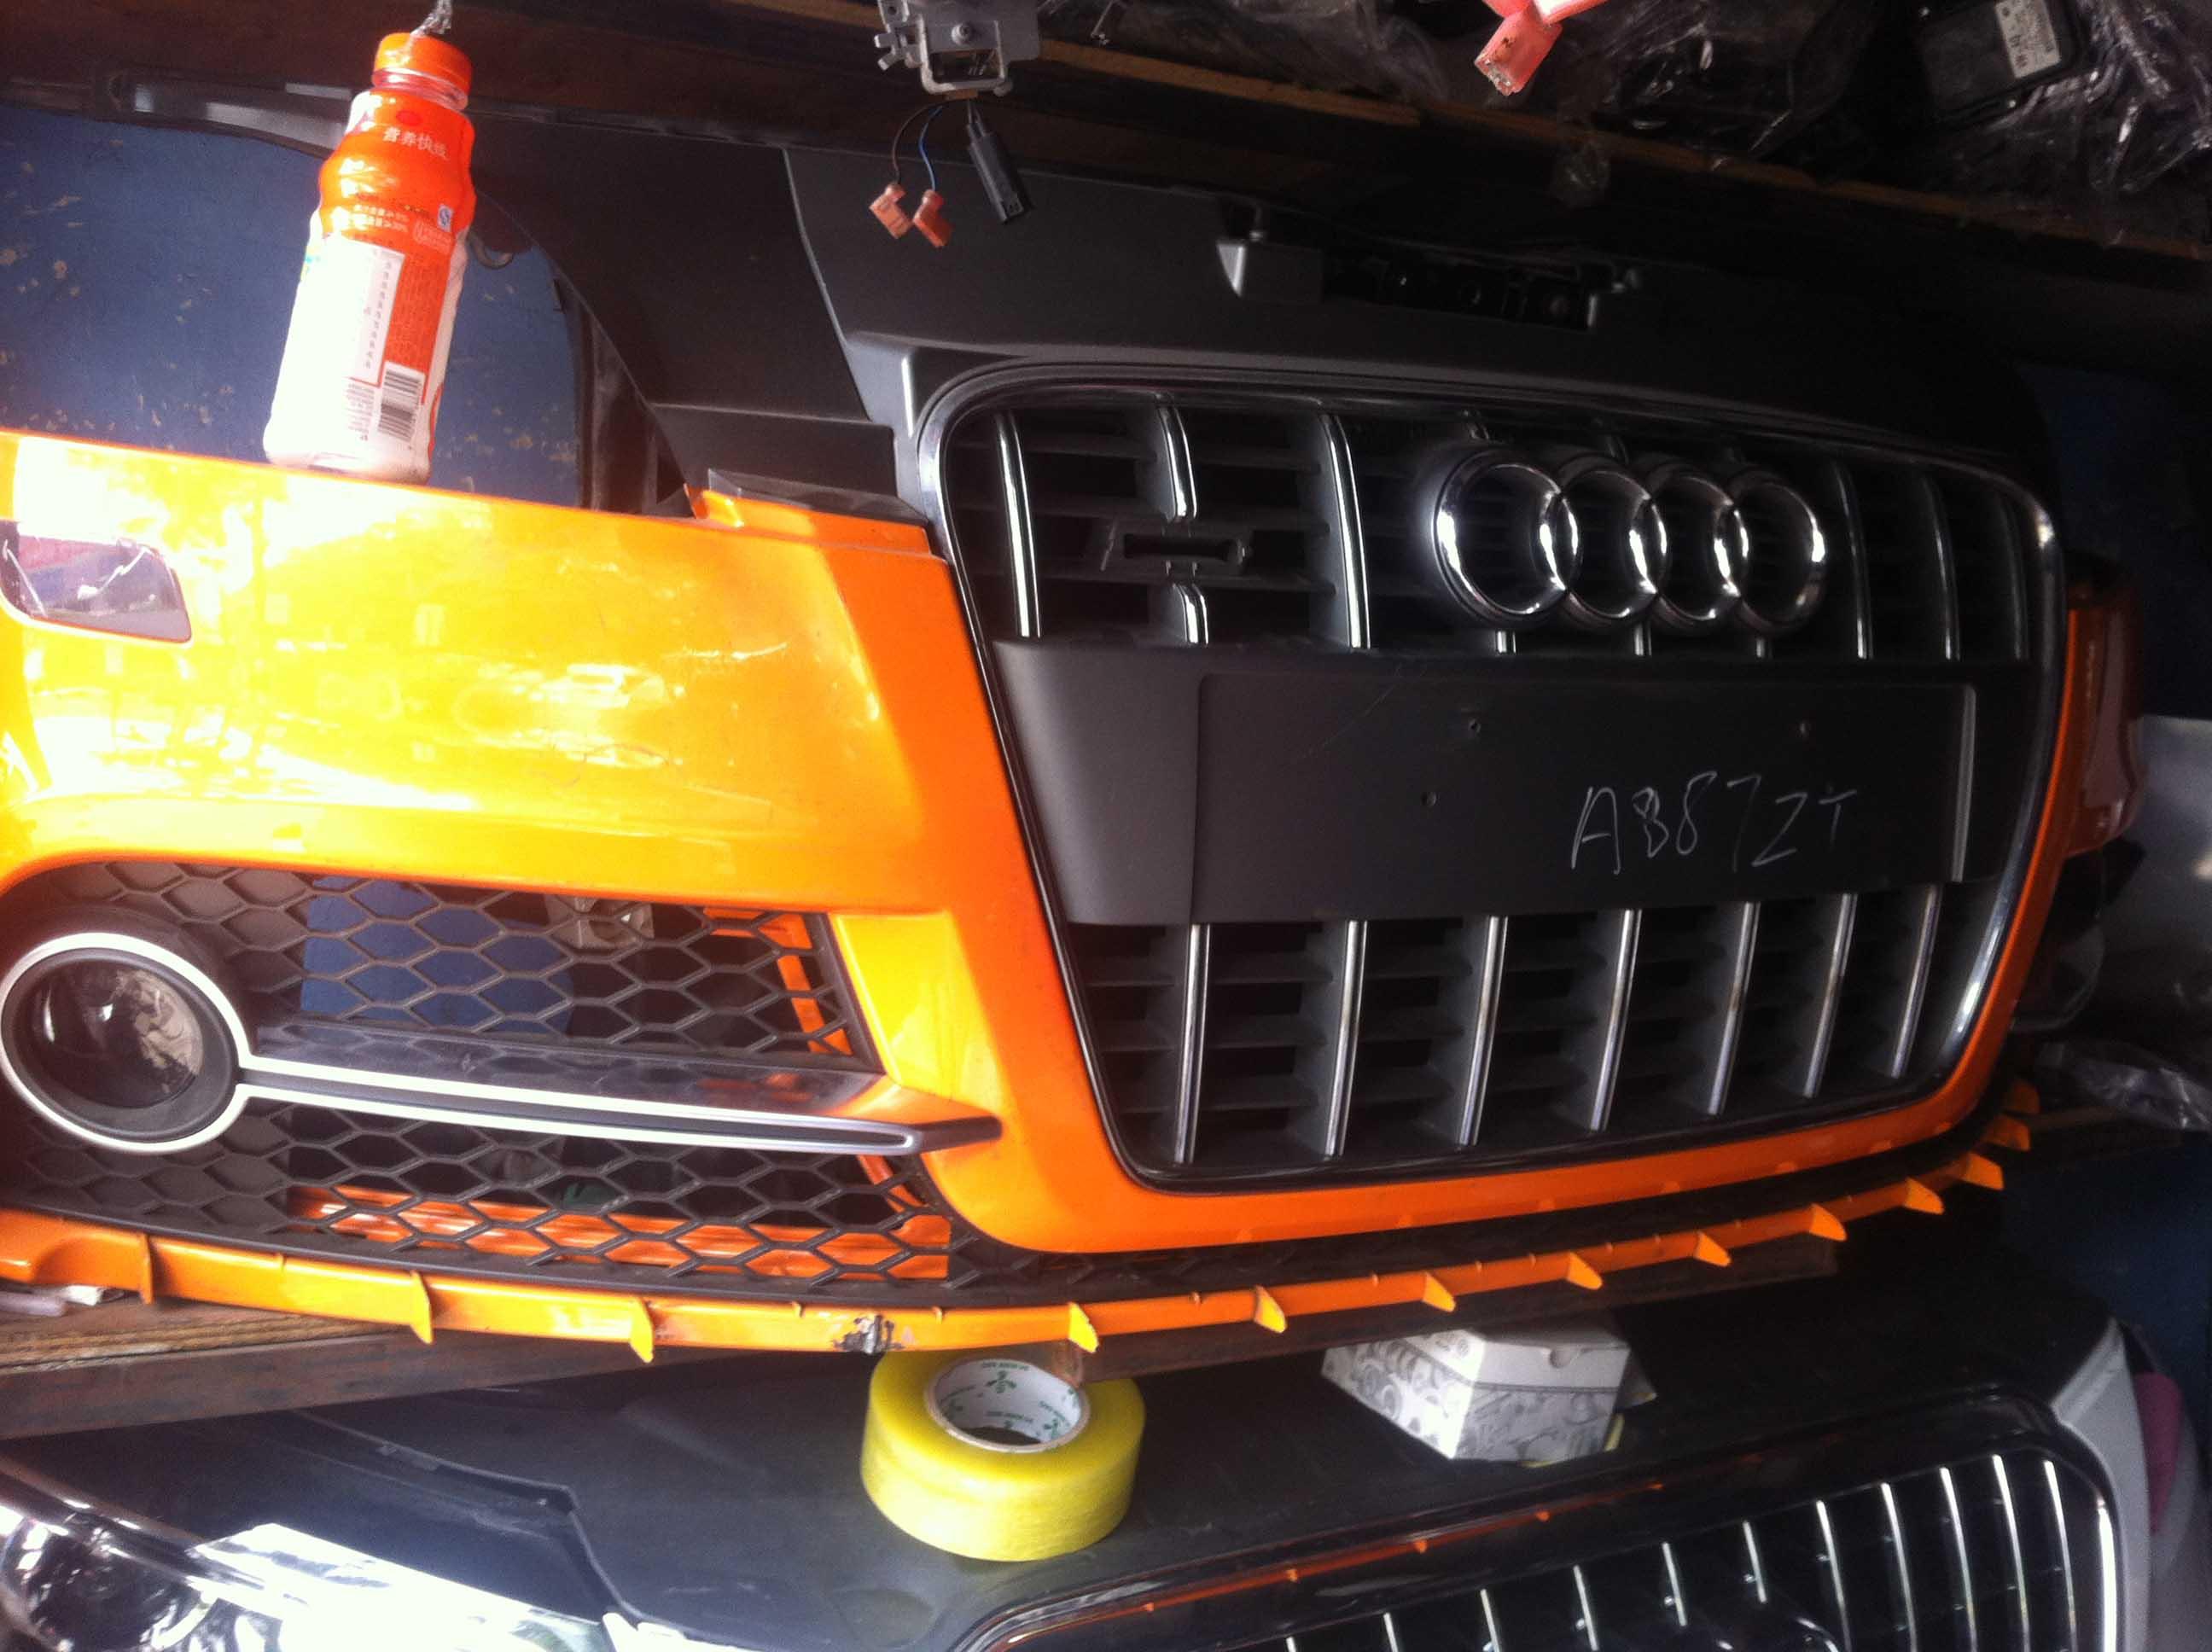 優惠的奧迪TTS前嘴配件,廣東高質量的奧迪TTS汽車配件銷售